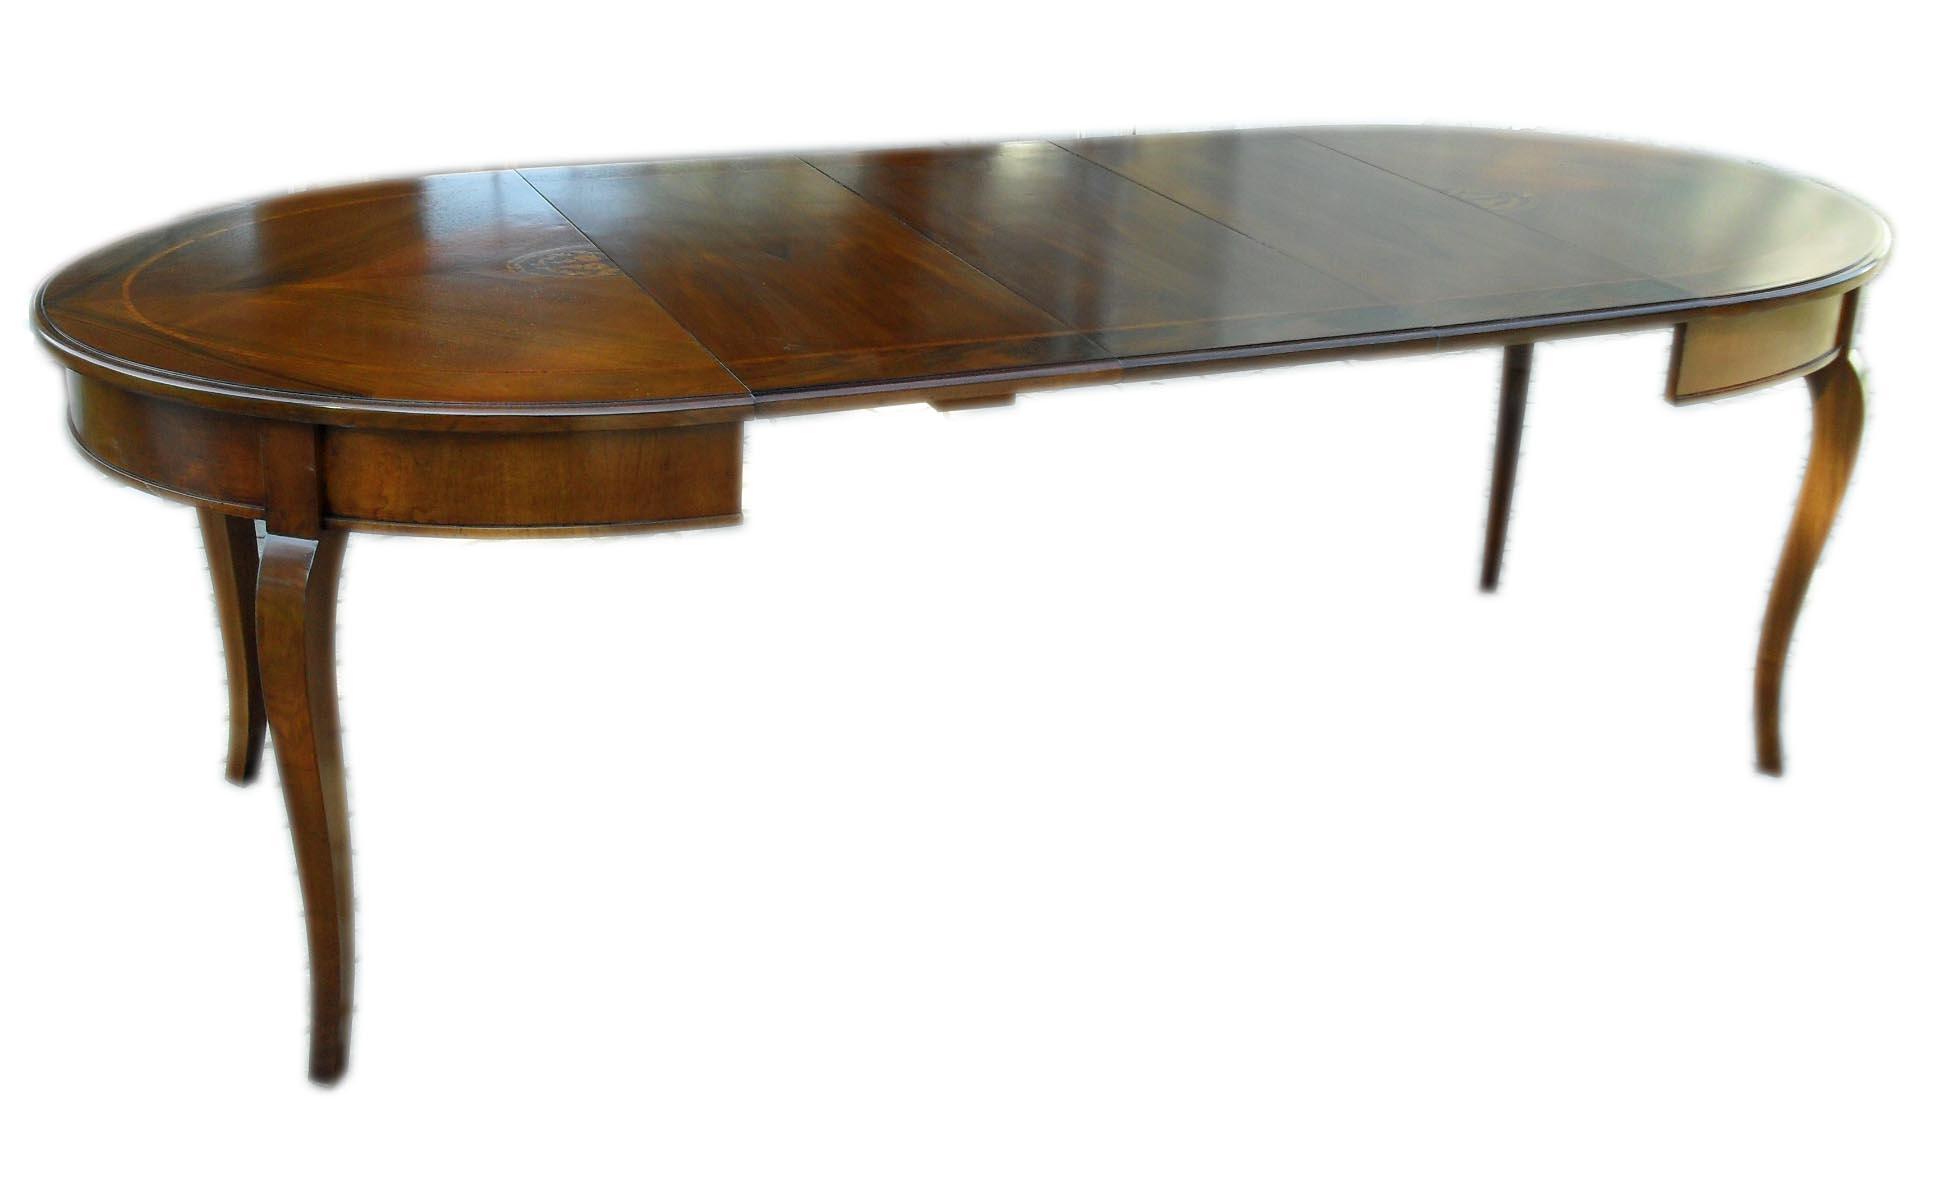 Tavolo ovale allungabile classico con intarsio la - Tavolo ovale allungabile ...